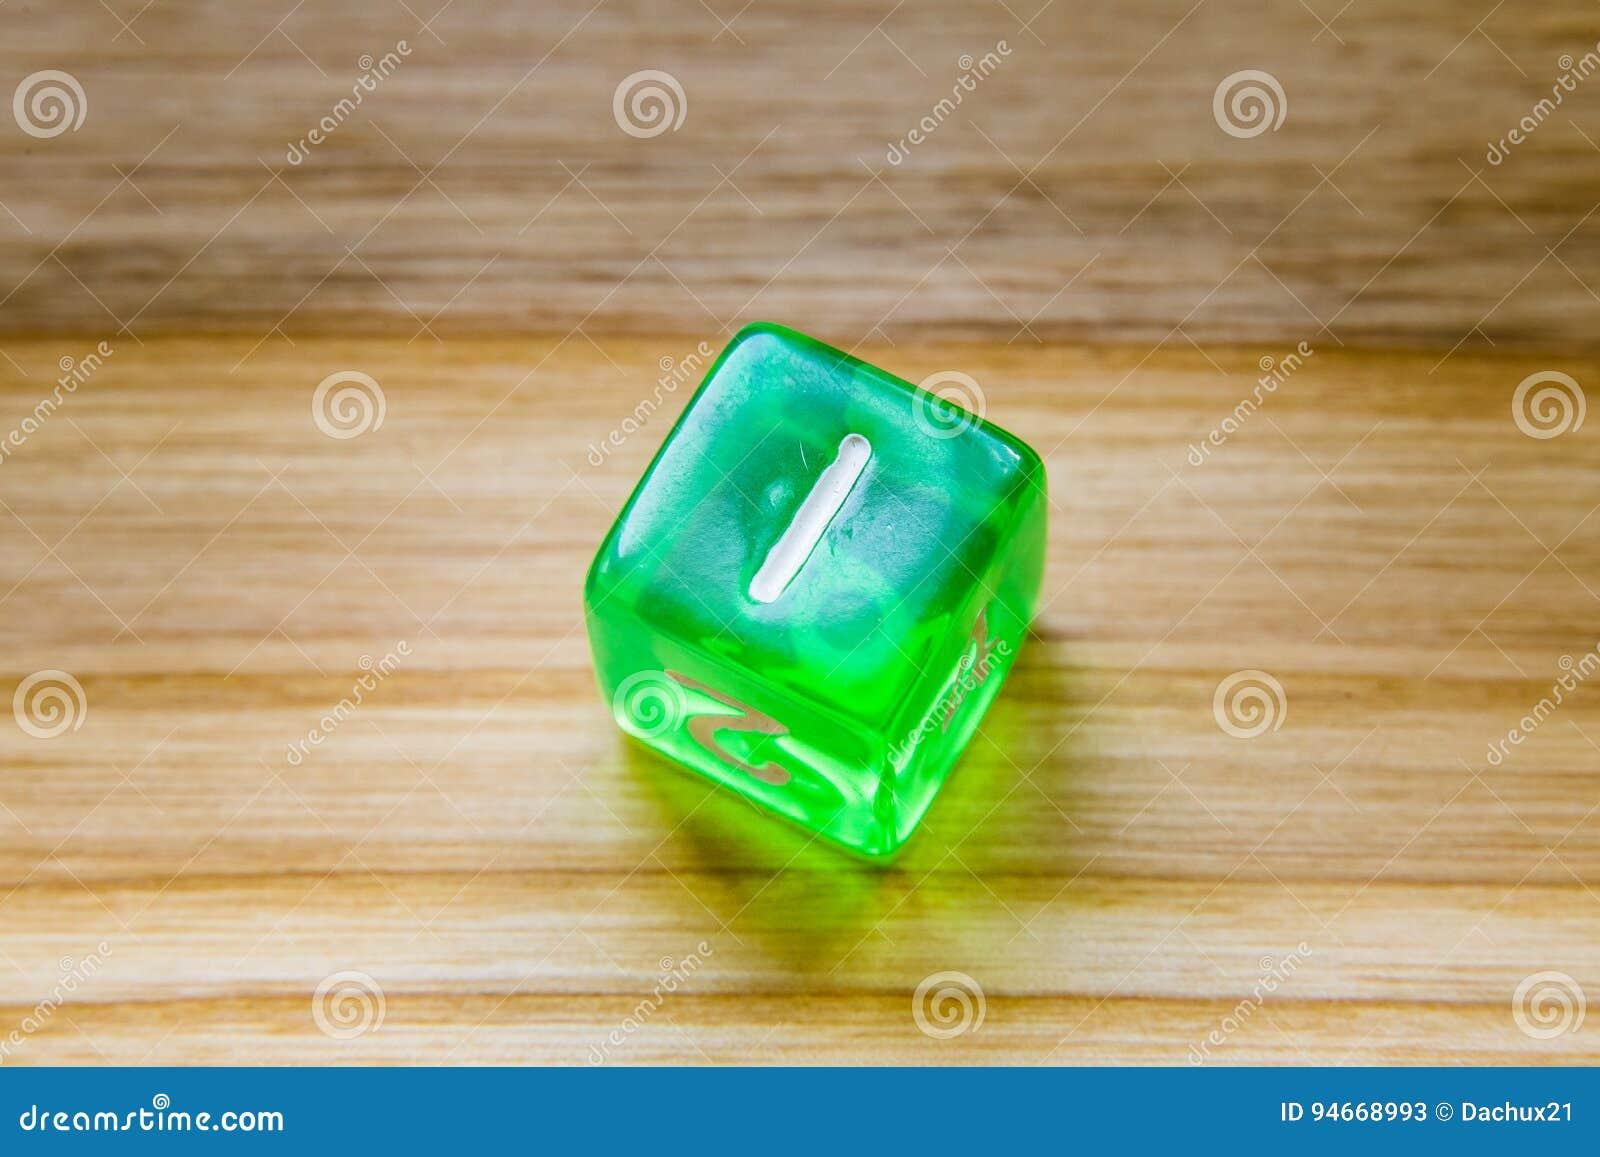 Une matrice jouante hexagone verte translucide sur un backgroun en bois